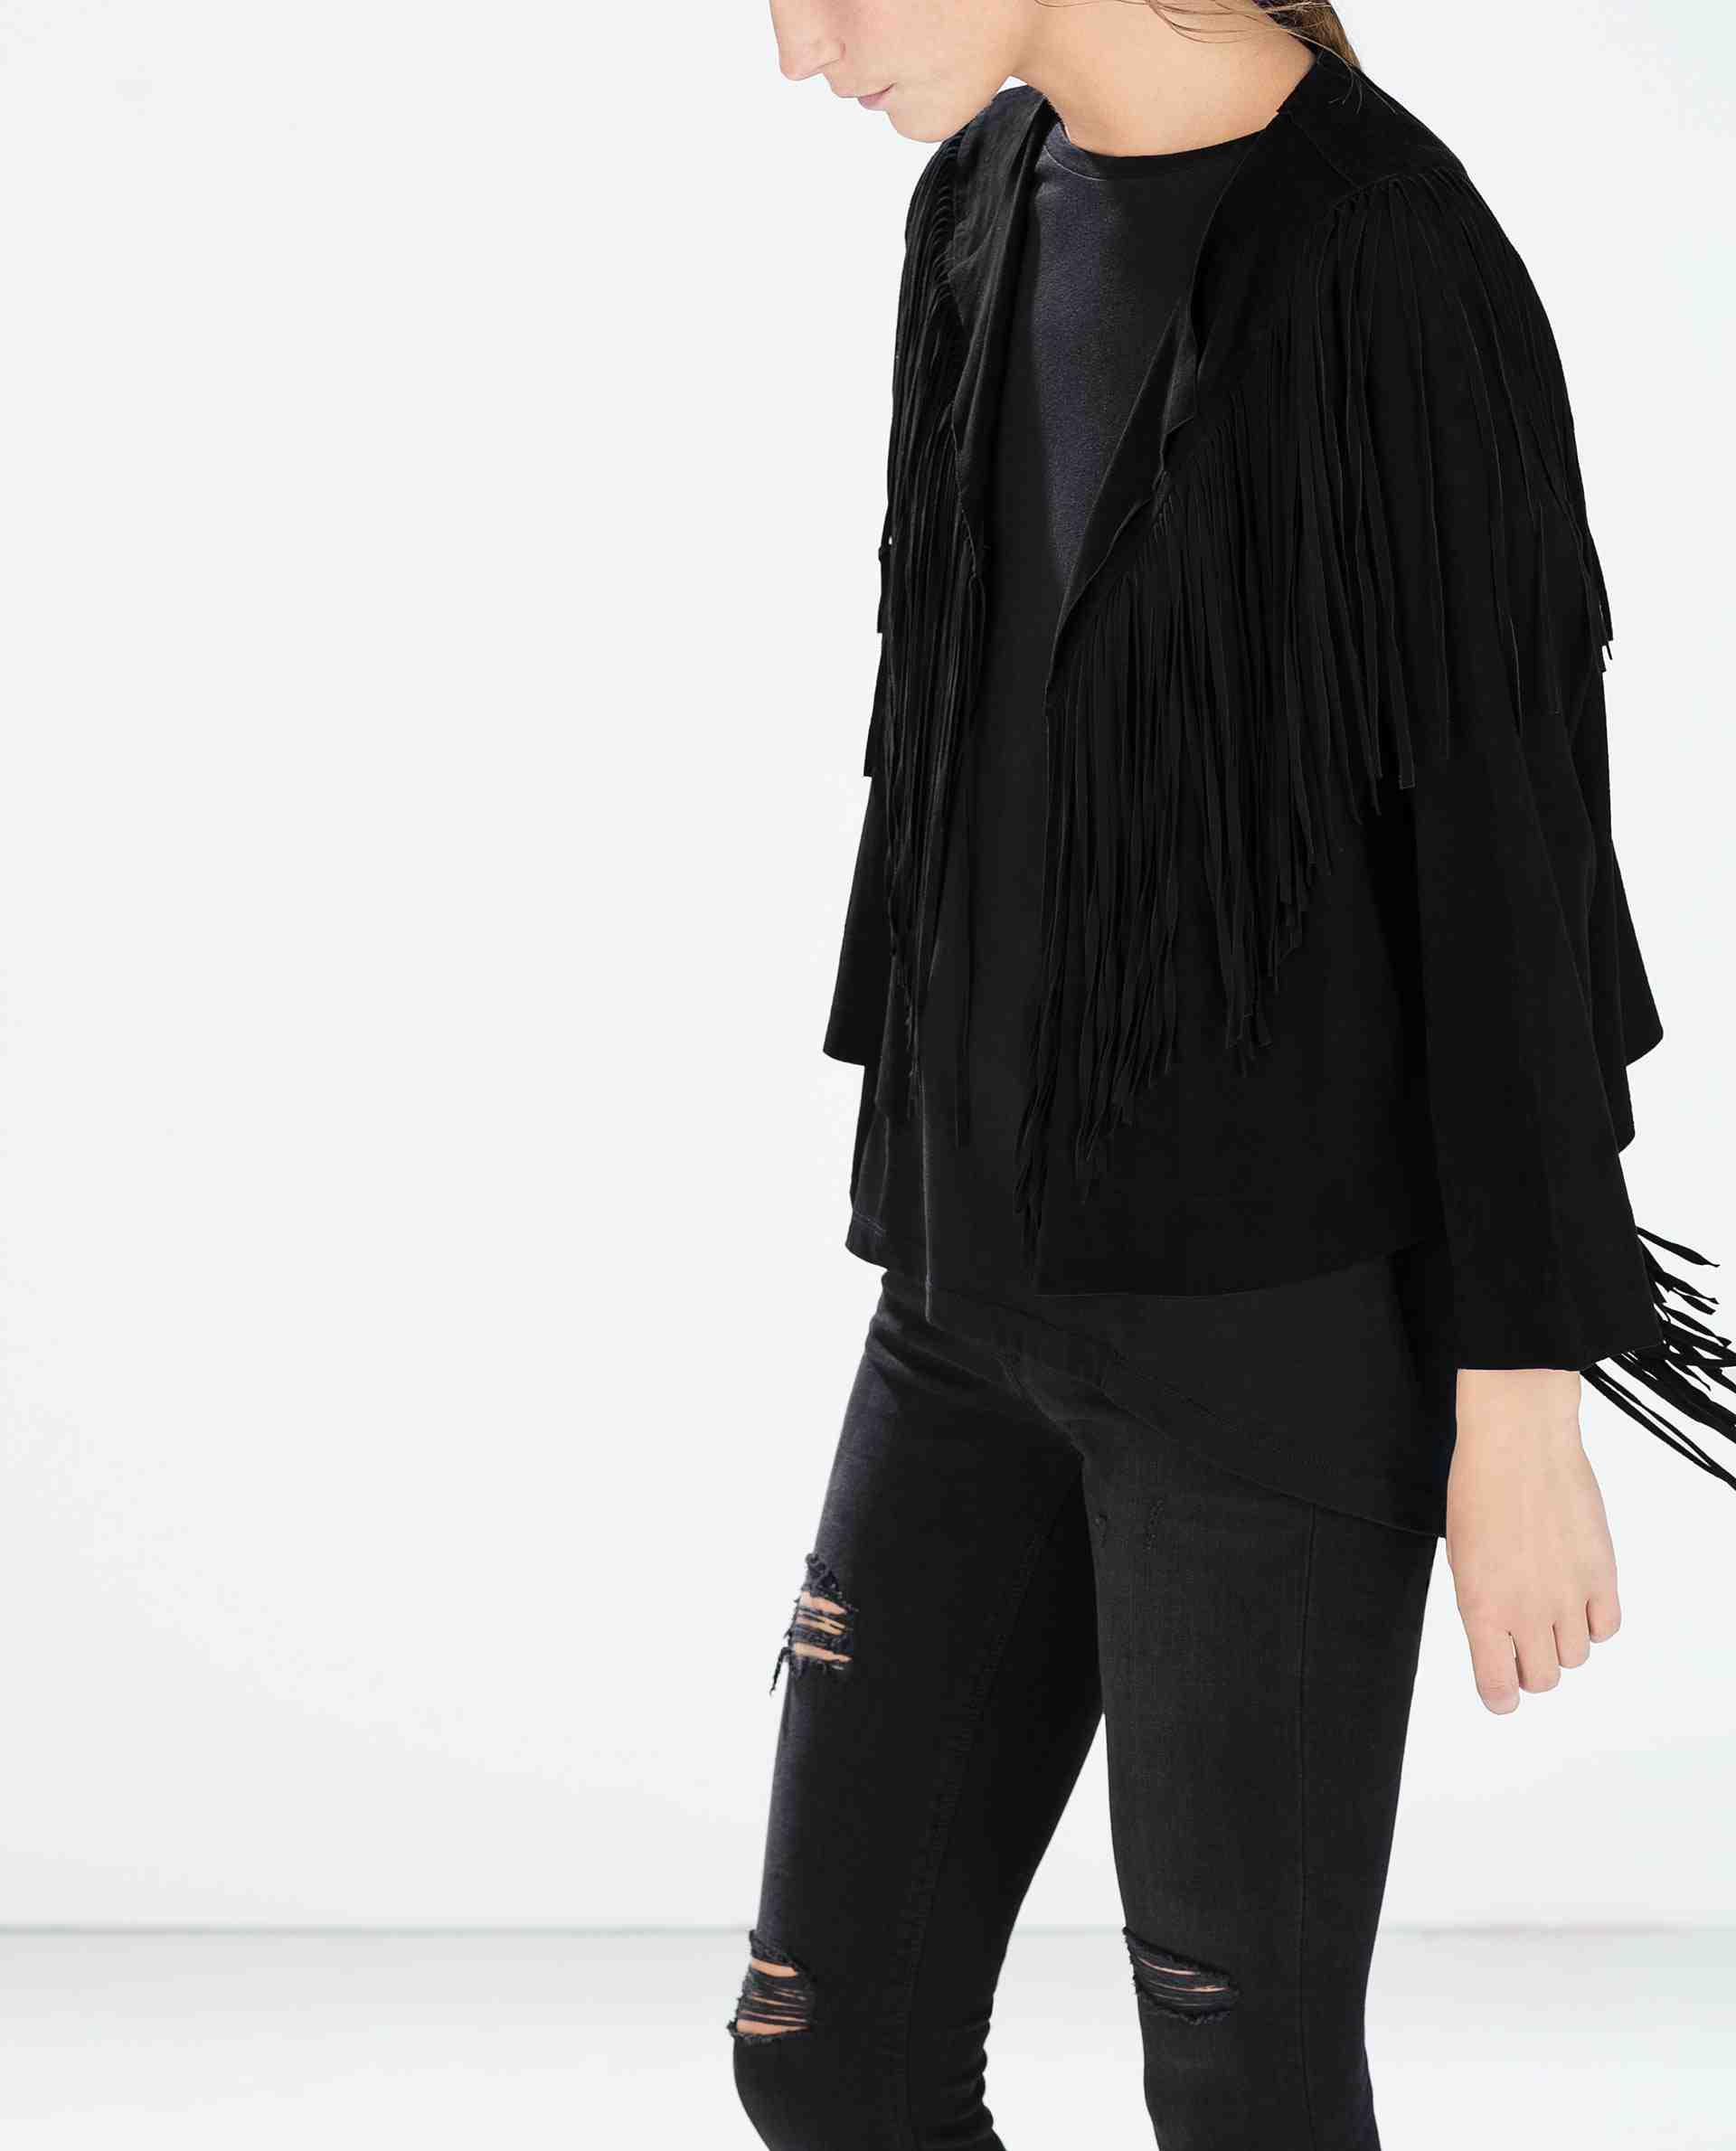 Zara - Veste(139 €)